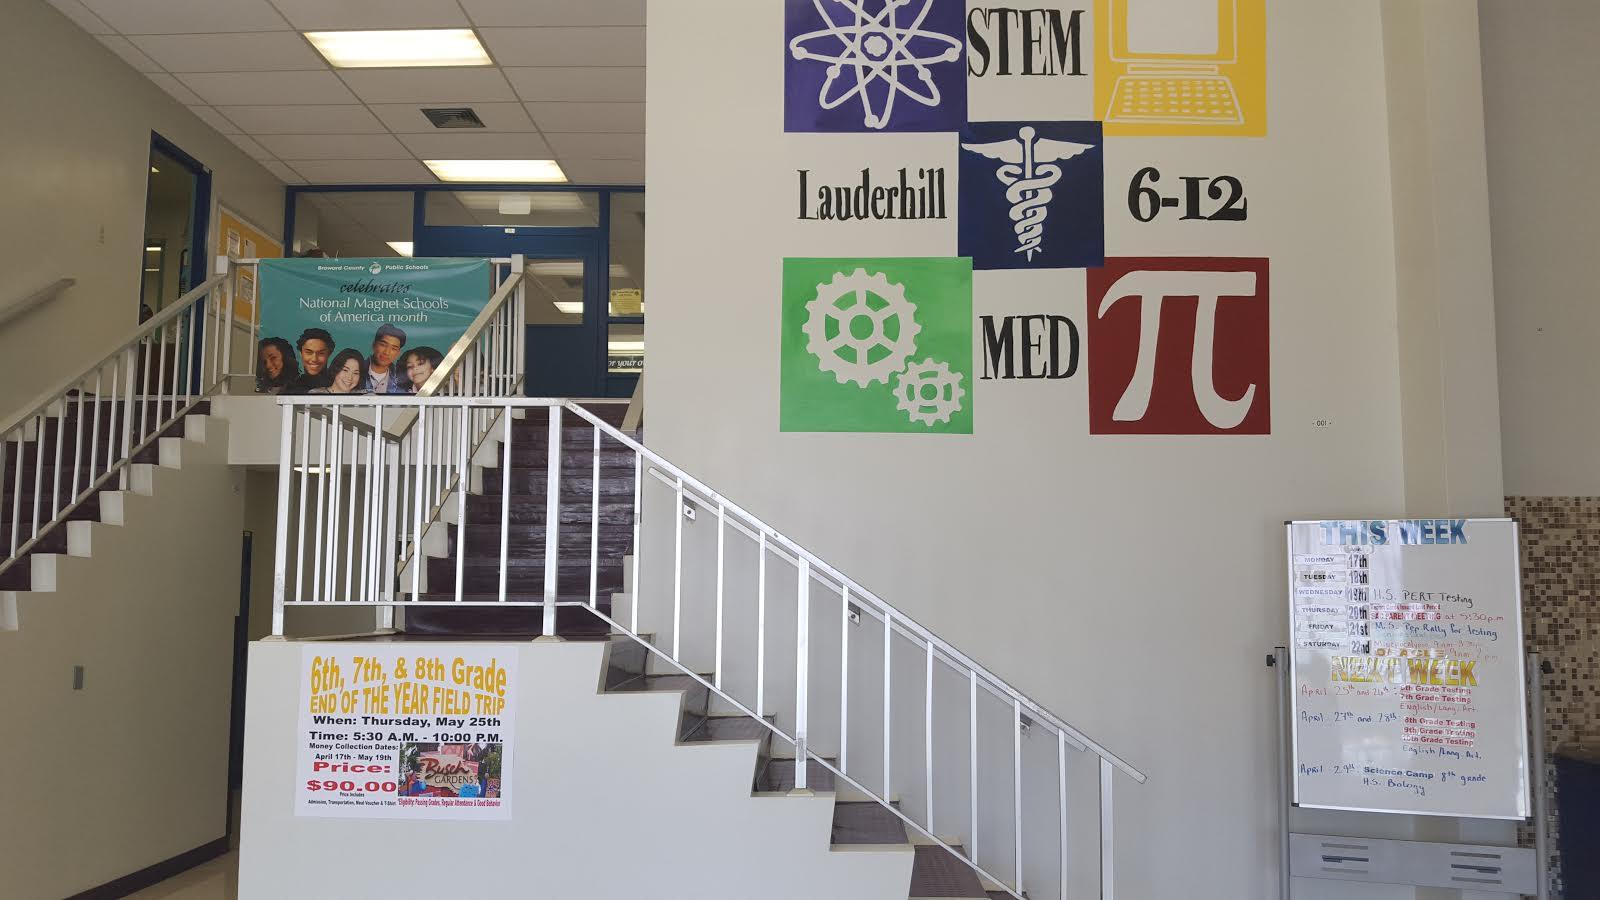 Lauderhill 6-12 STEM-MED